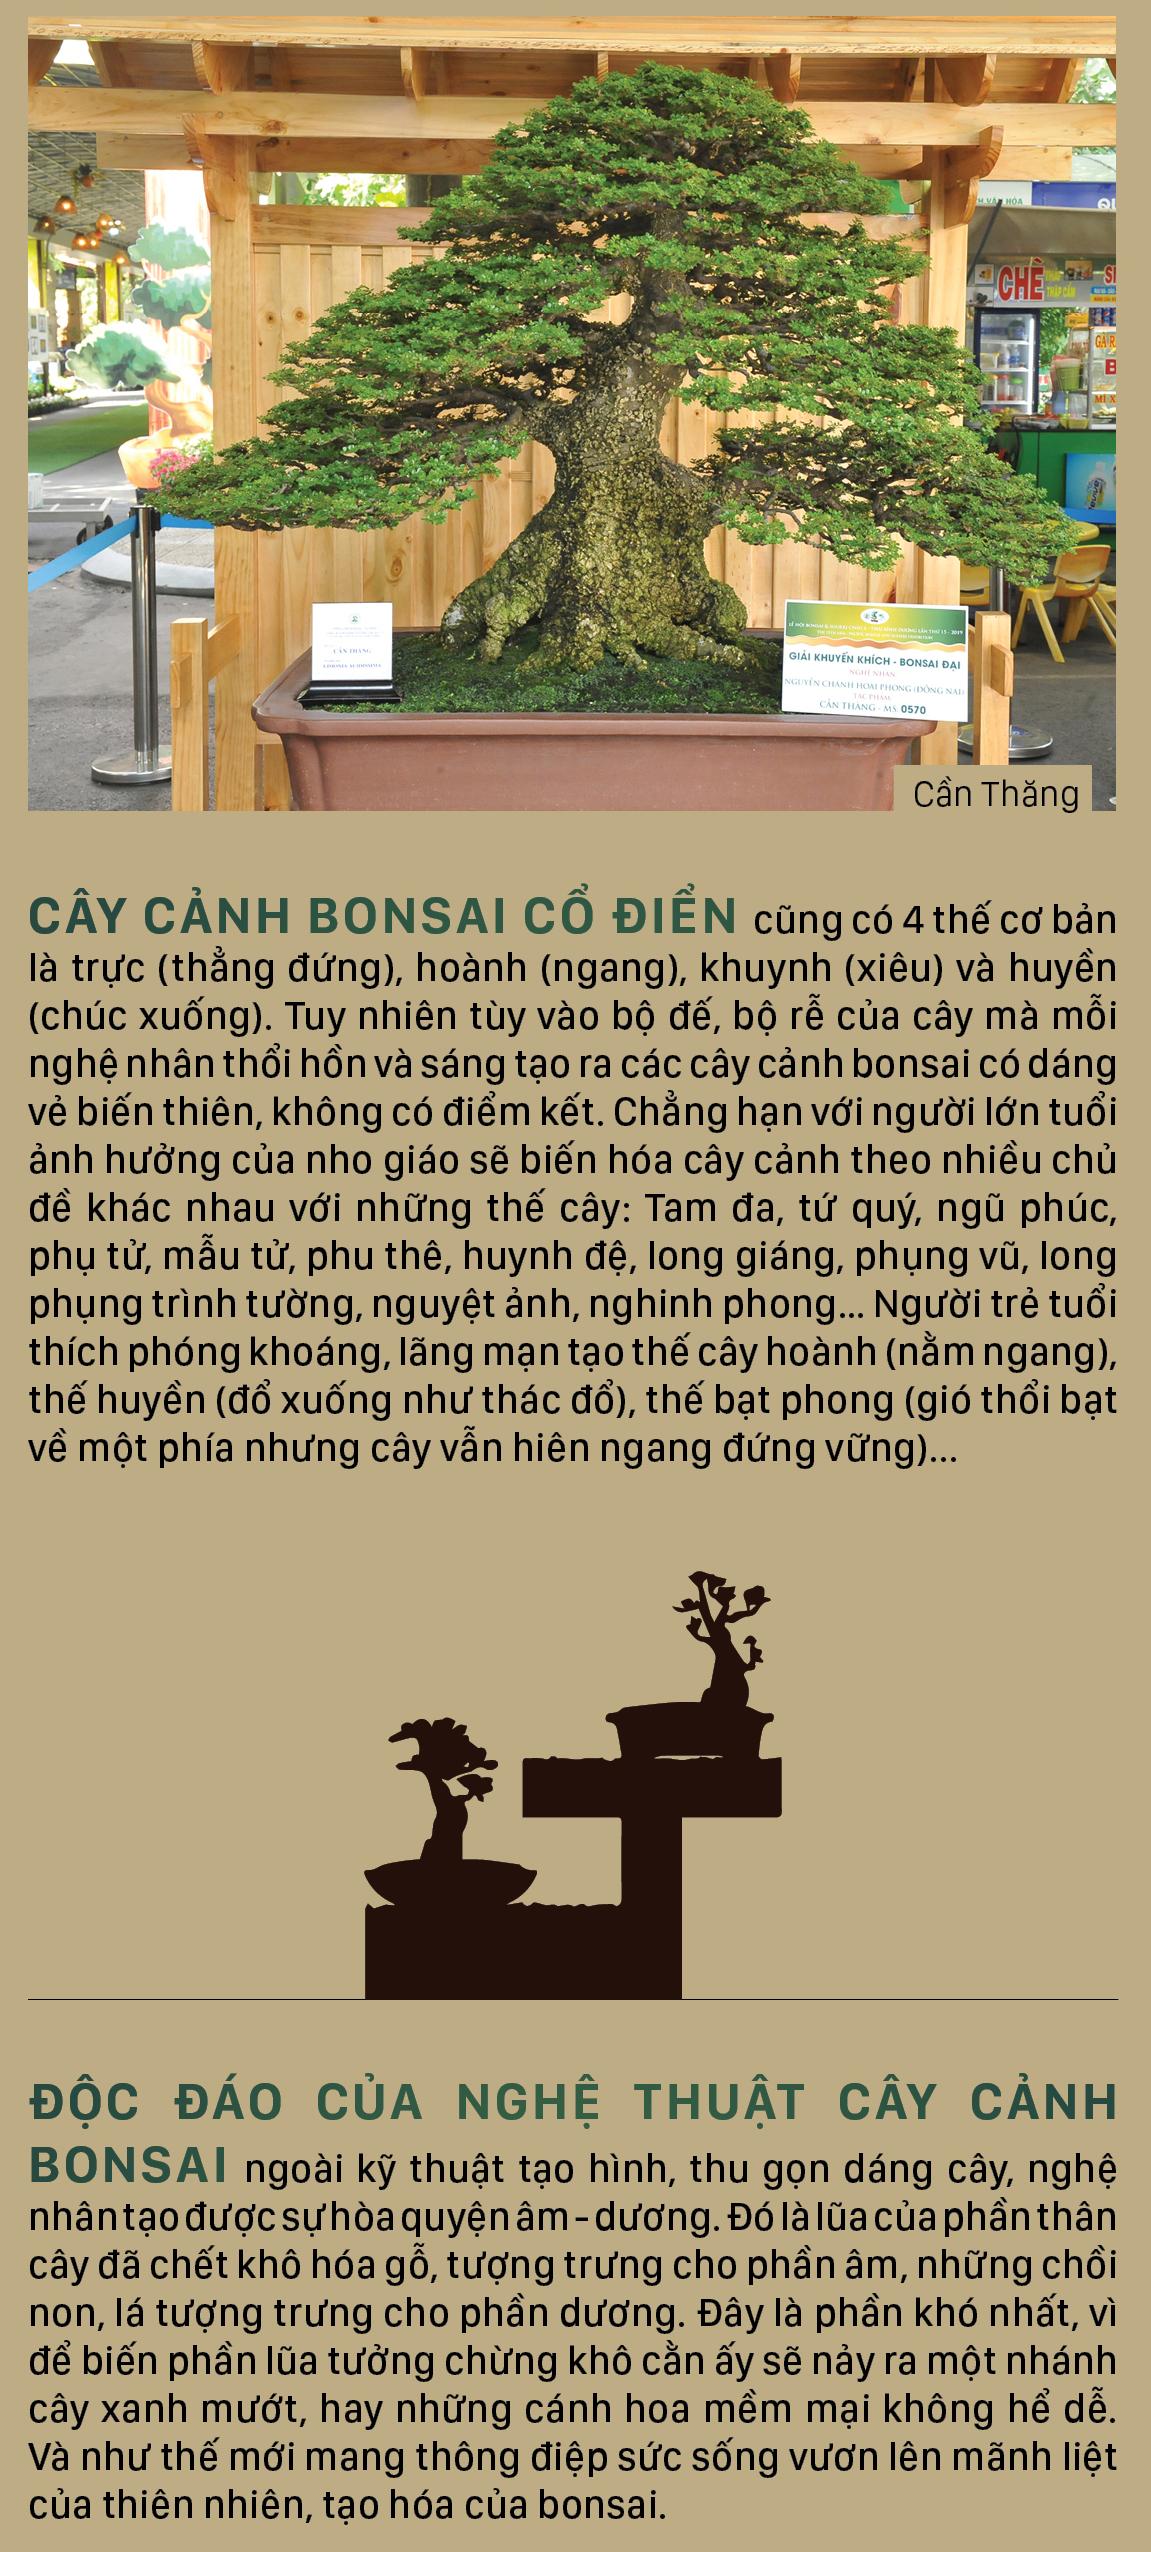 Nghệ thuật bonsai, thú chơi tao nhã ảnh 7